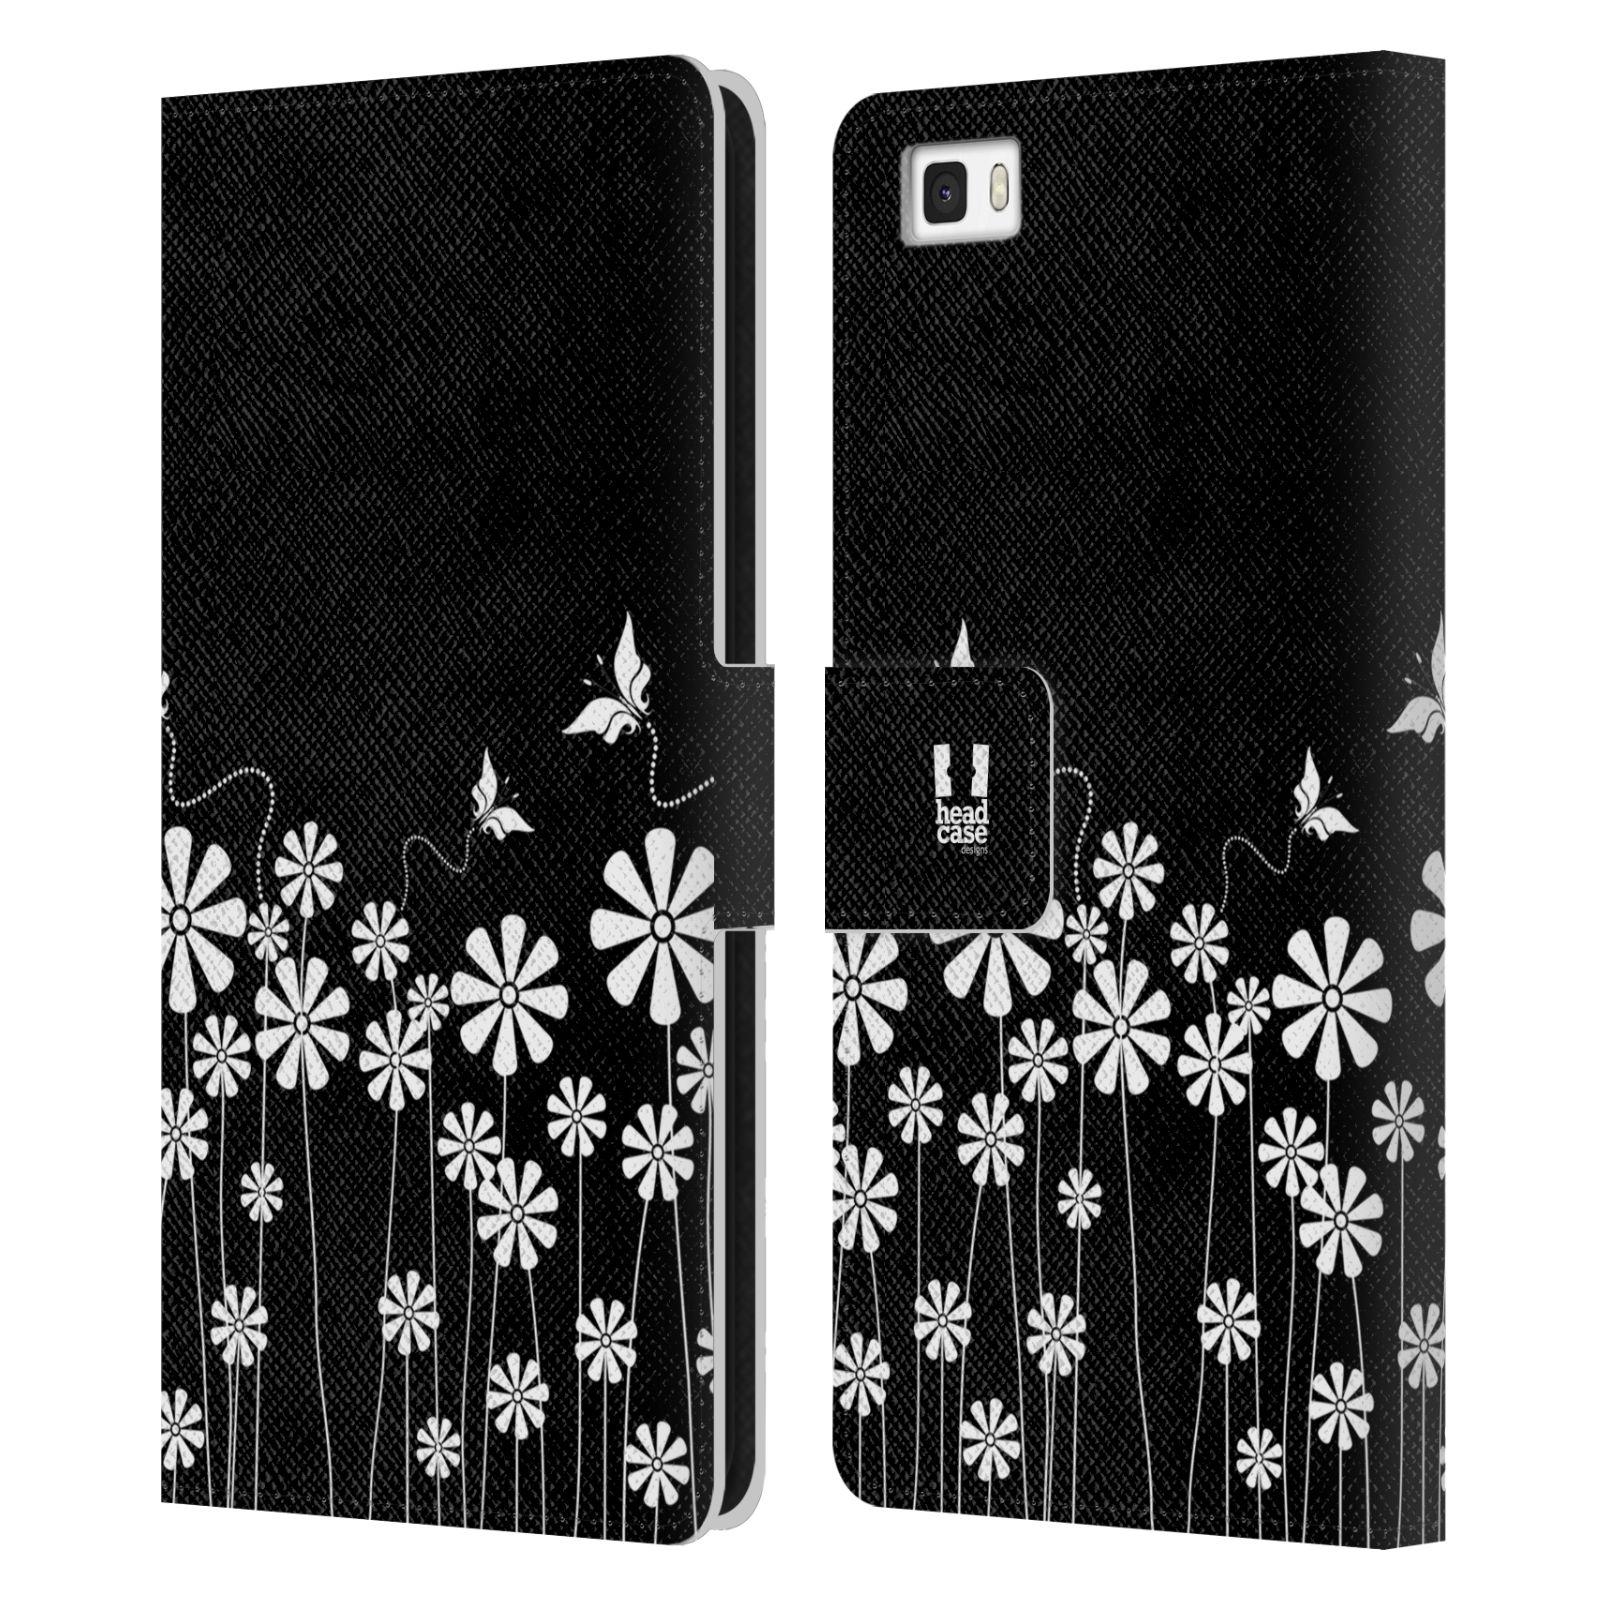 HEAD CASE Flipové pouzdro pro mobil Huawei P8 LITE ČERNOBÍLÁ KVĚTINA motýl